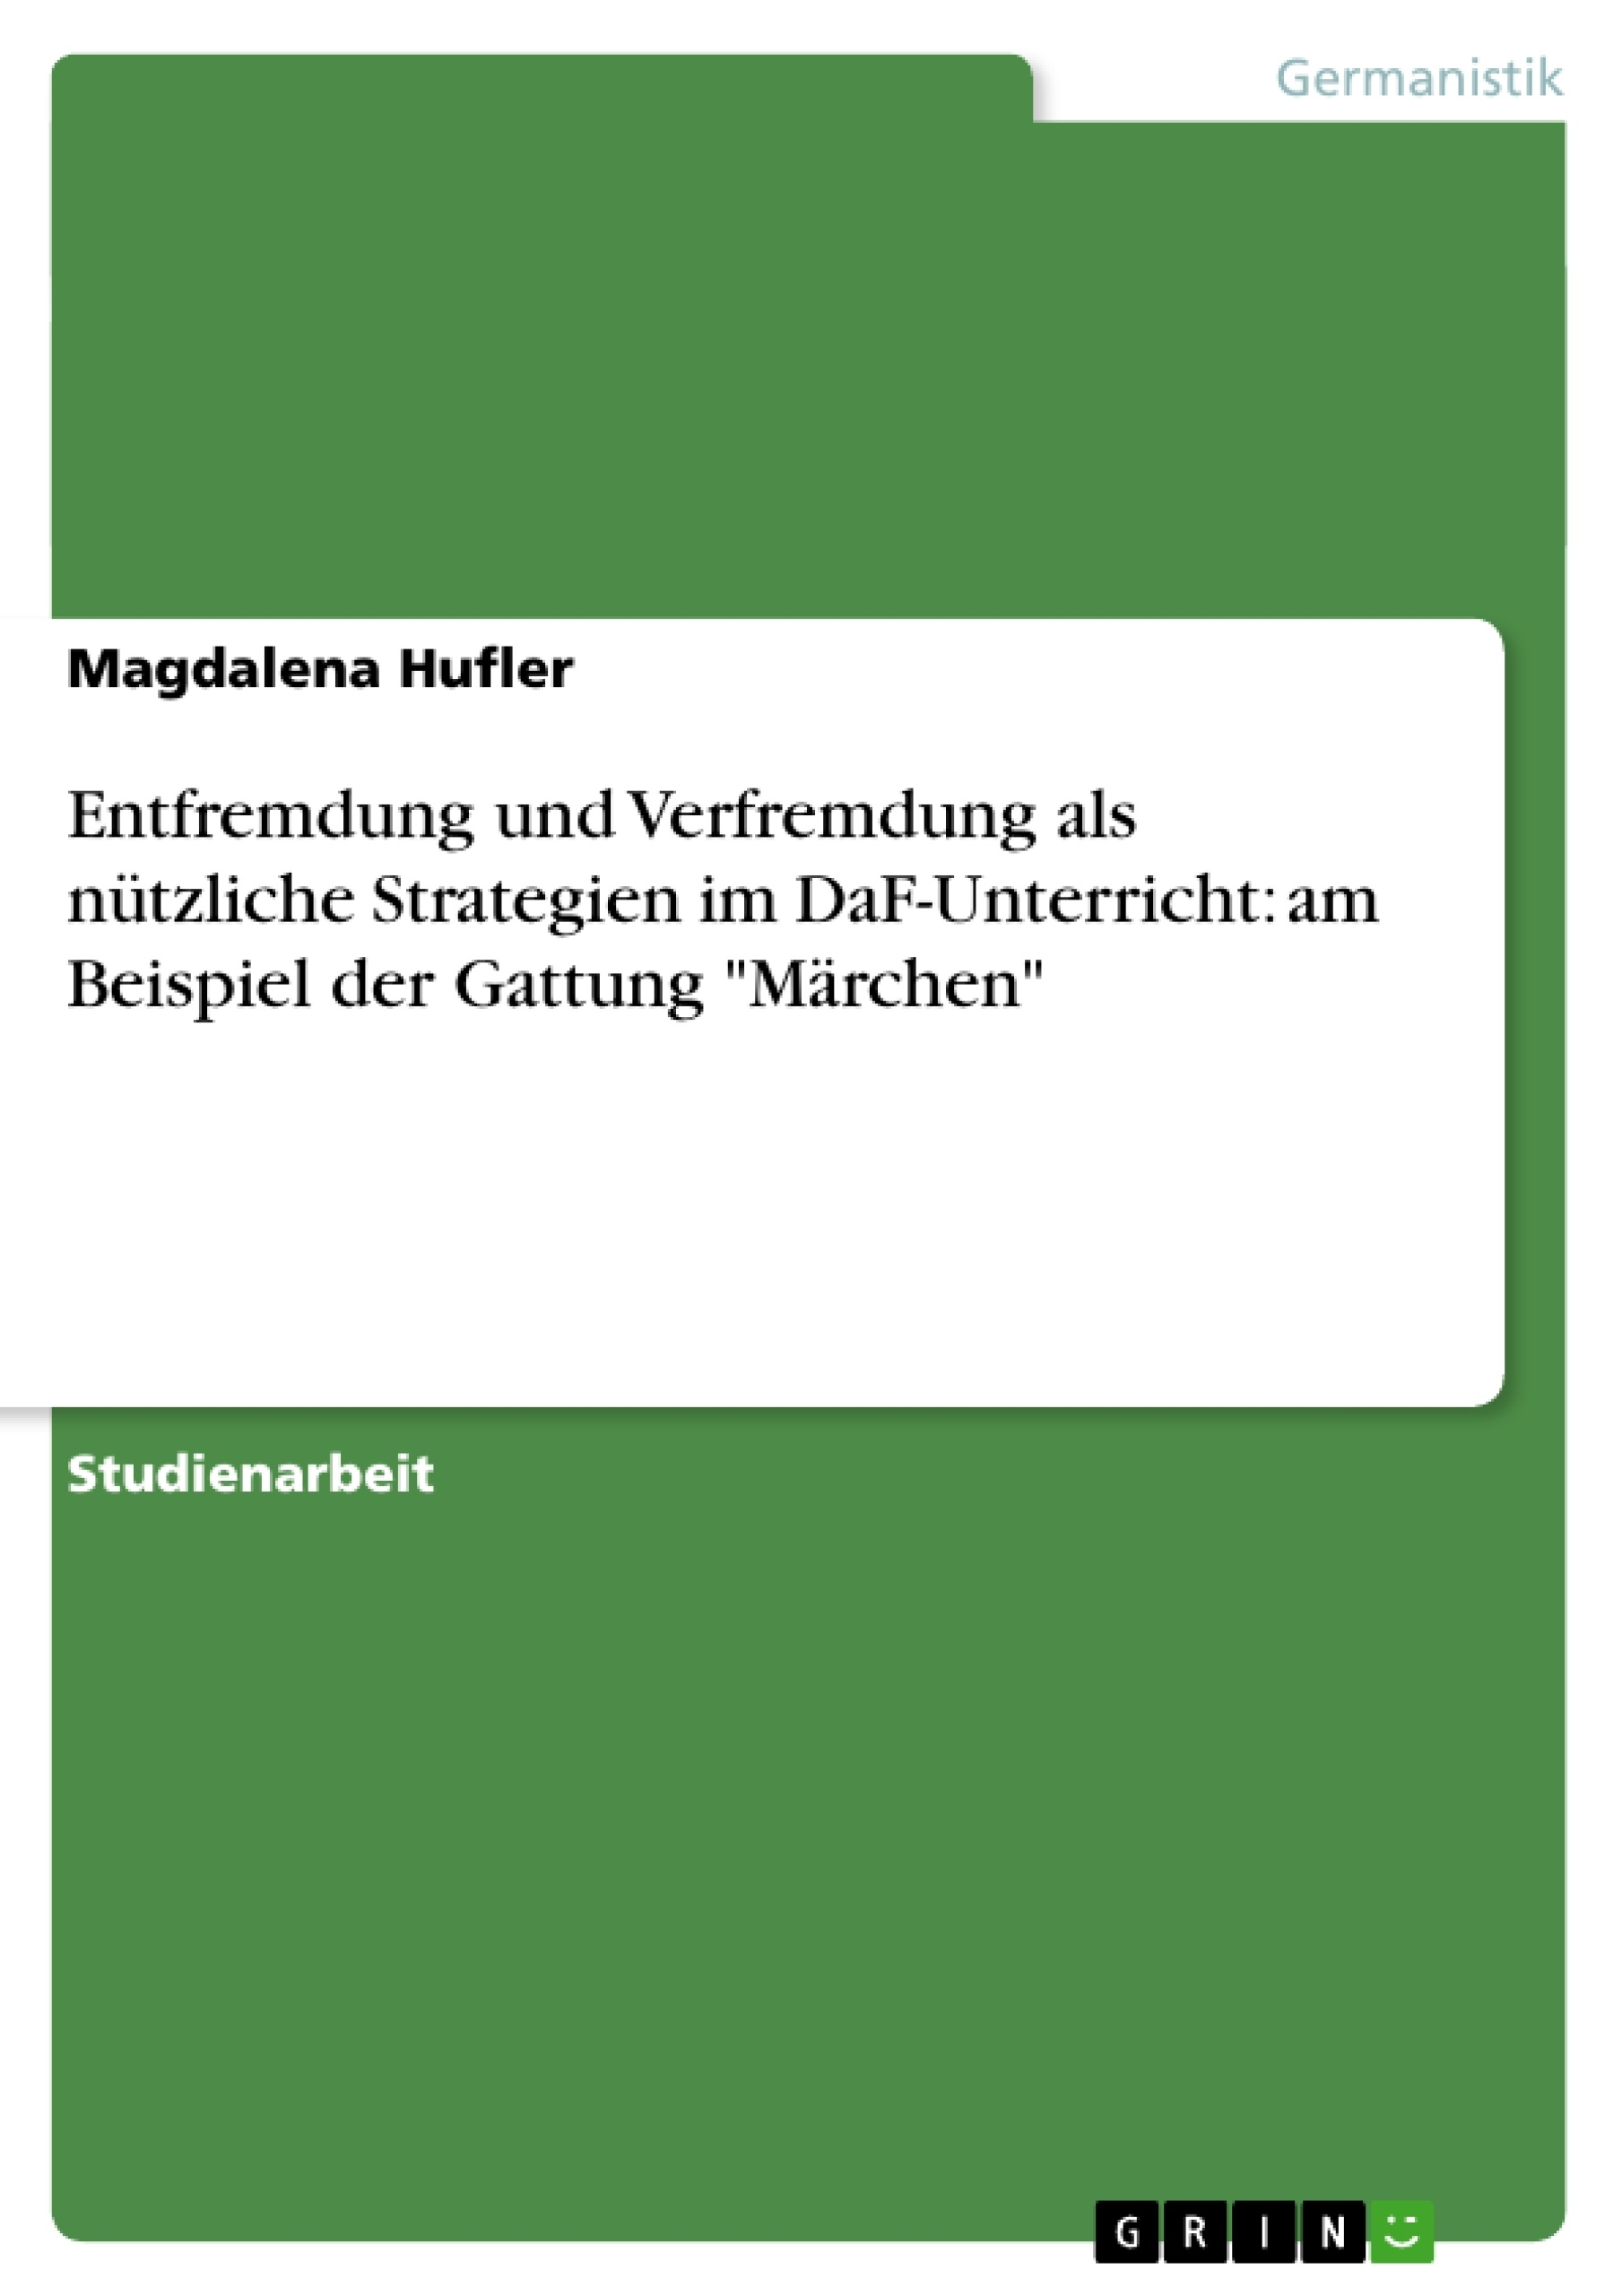 Titel: Entfremdung und Verfremdung im DaF-Unterricht am Beispiel der Gattung Märchen